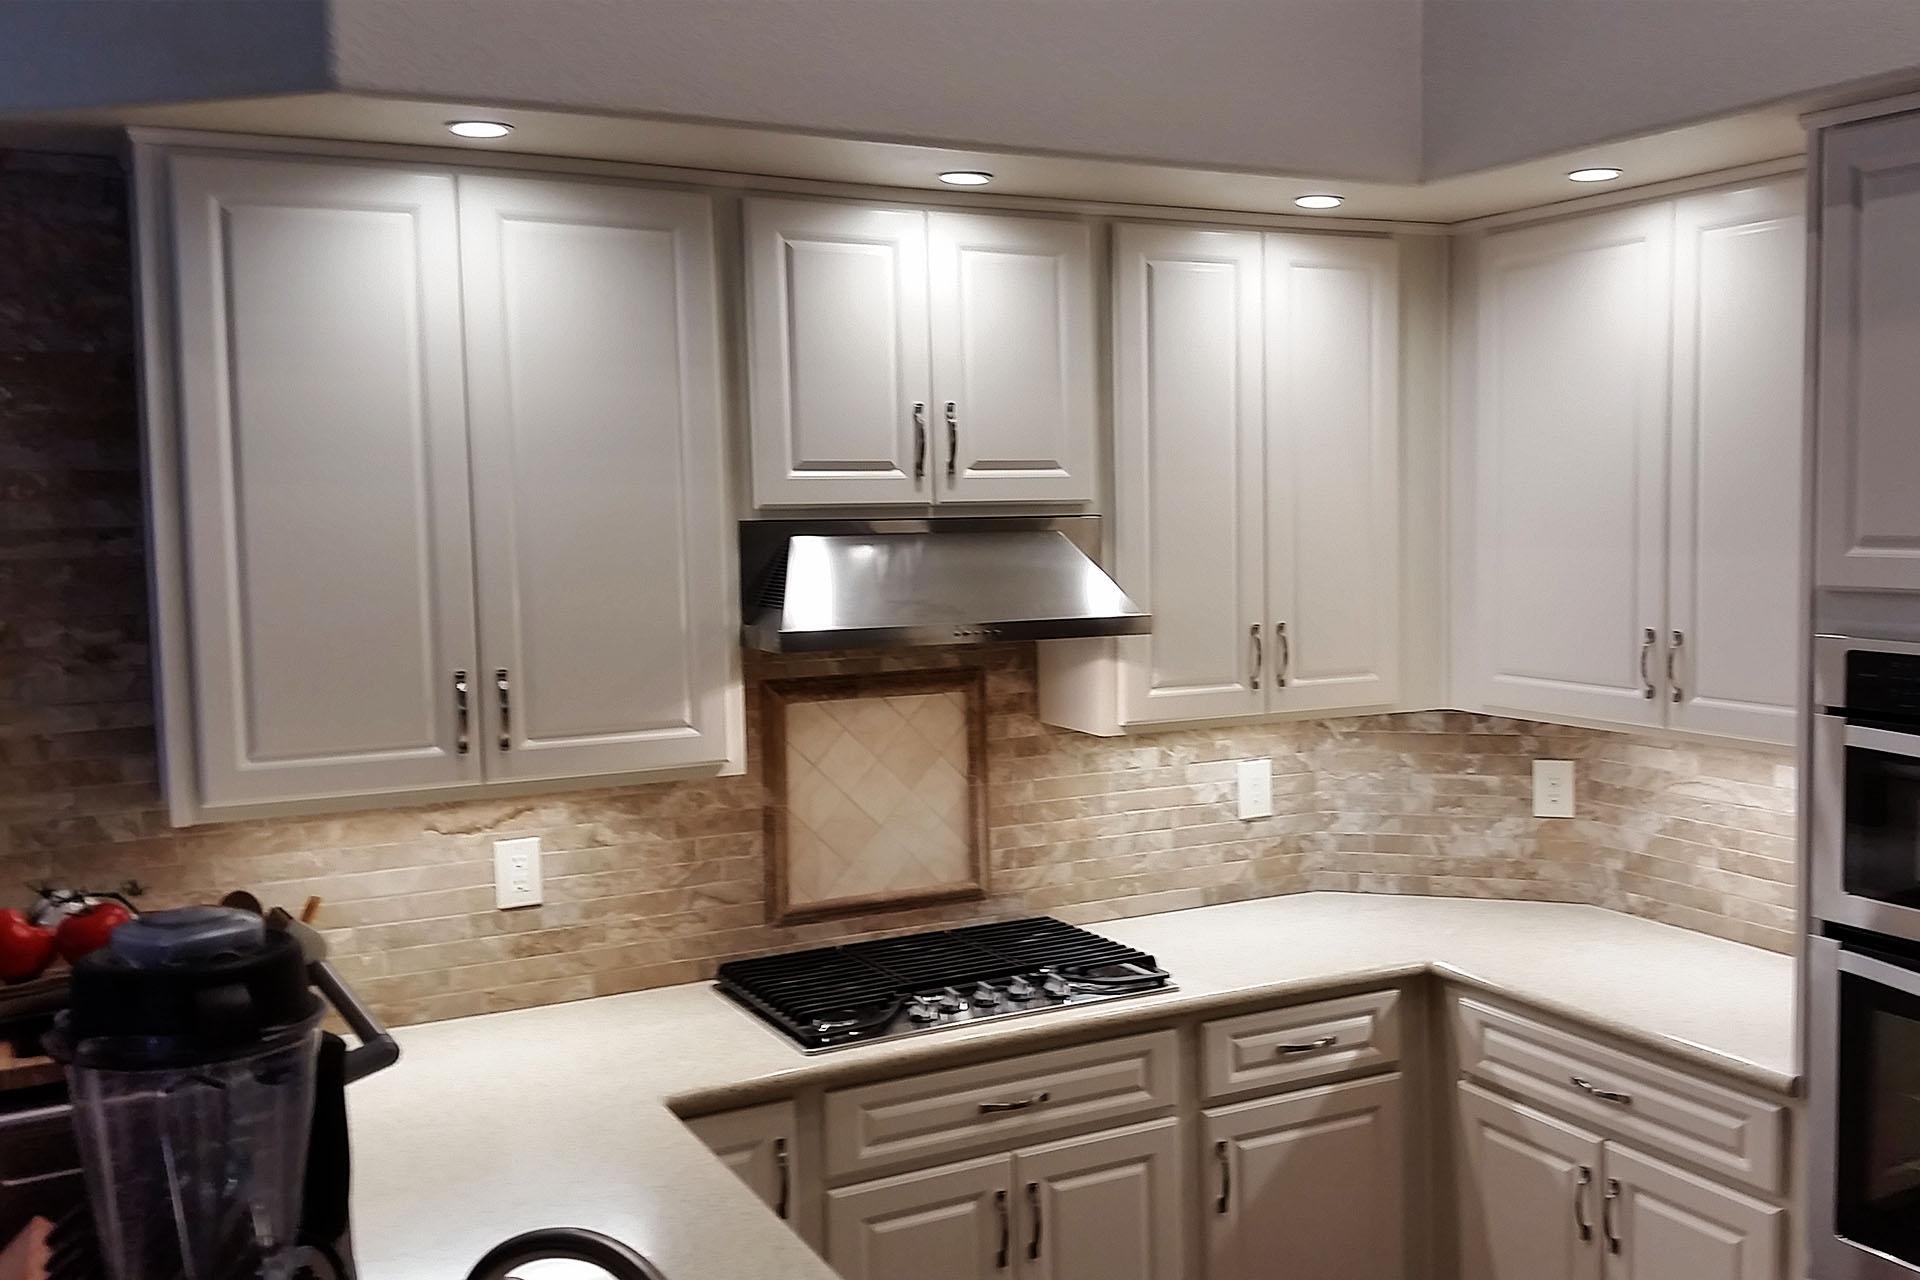 View Kitchen Backsplash Installation